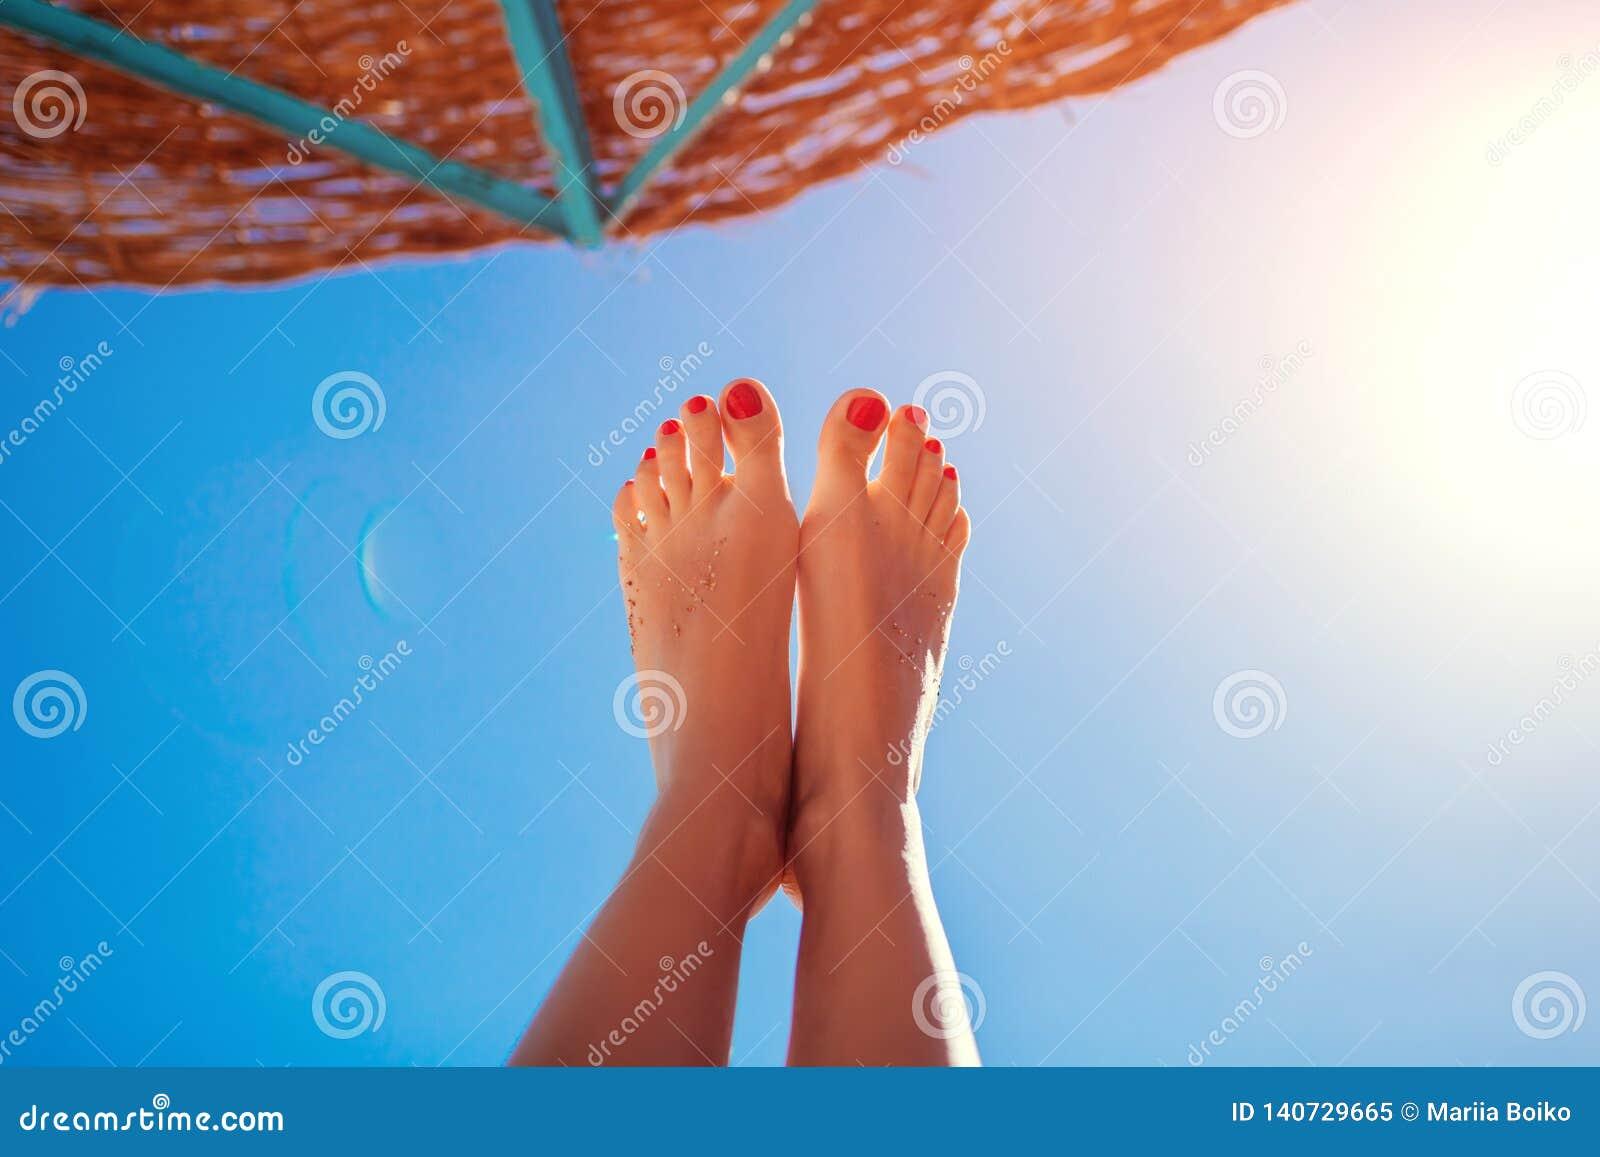 Pies femeninos debajo del parasol de playa Mujeres por el mar Vacaciones de verano